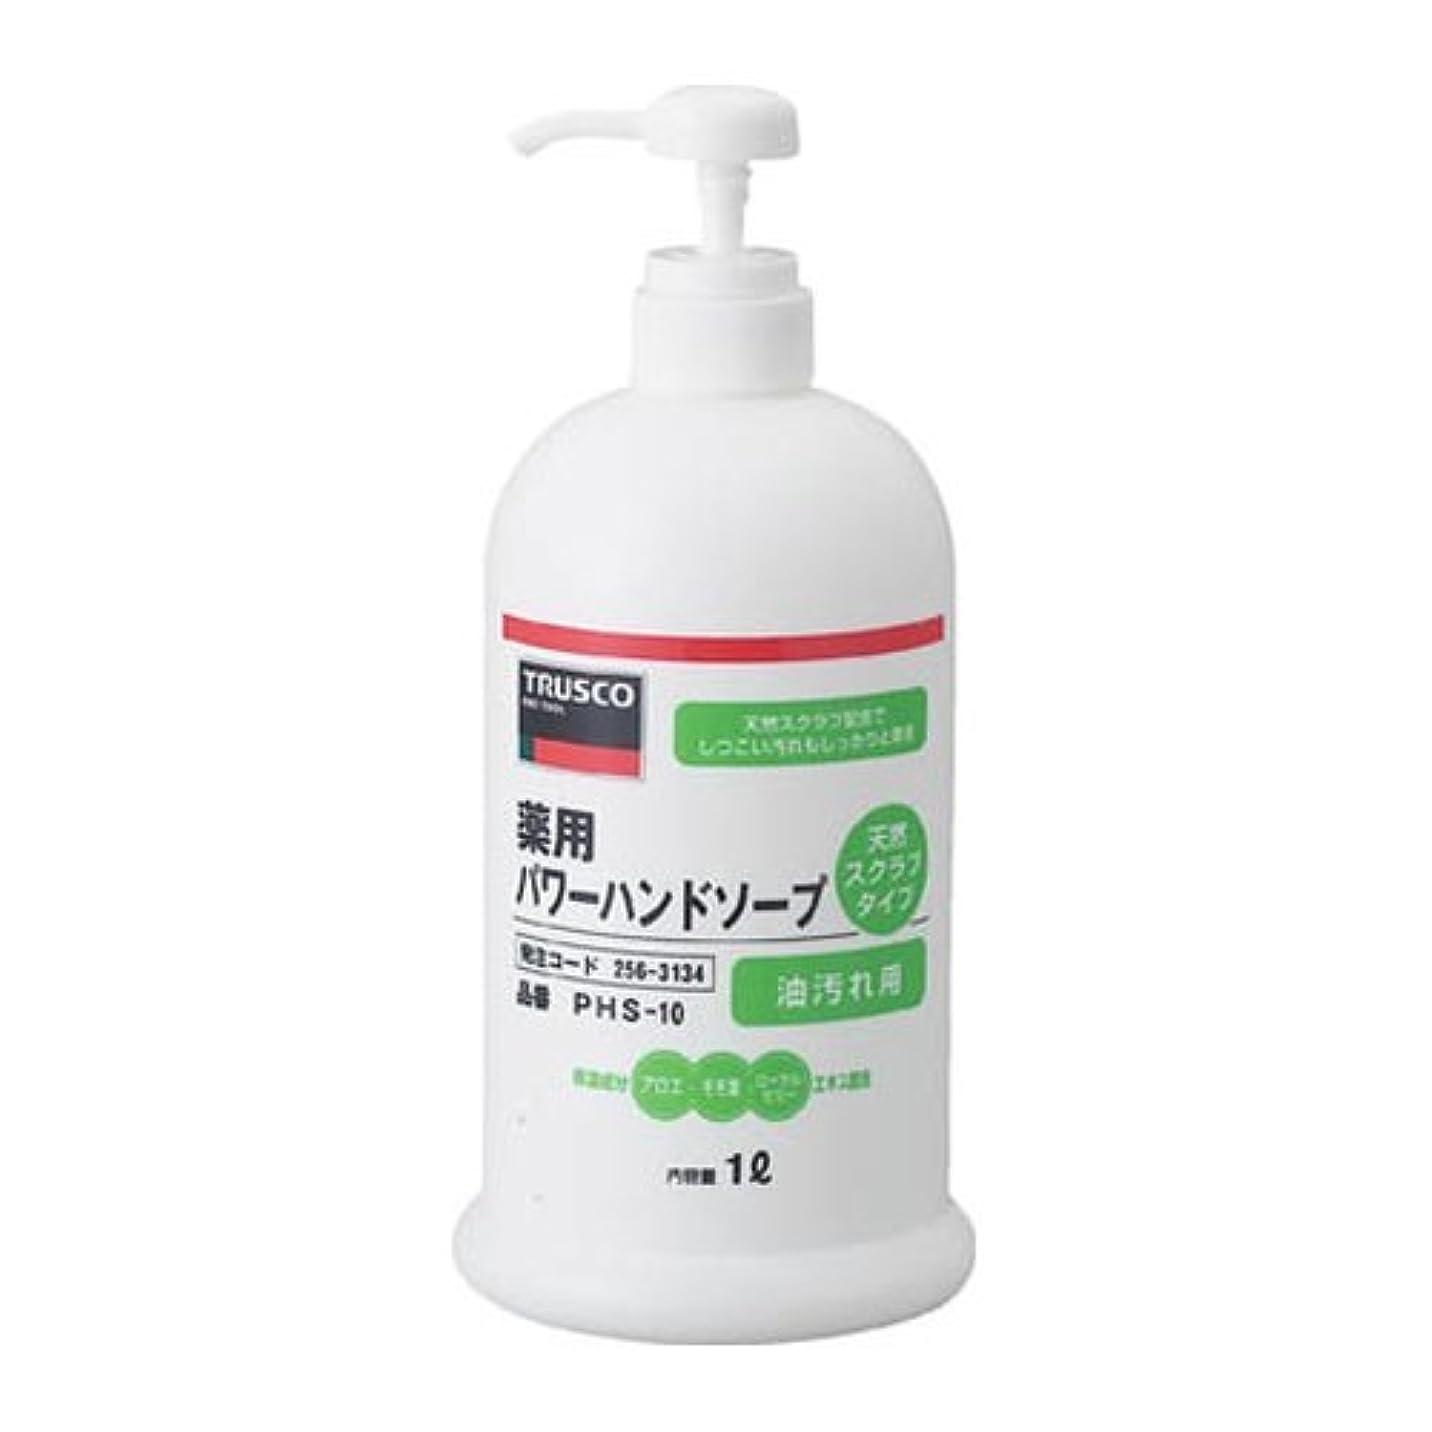 オーガニックナビゲーションTRUSCO 薬用パワーハンドソープポンプボトル1.0L